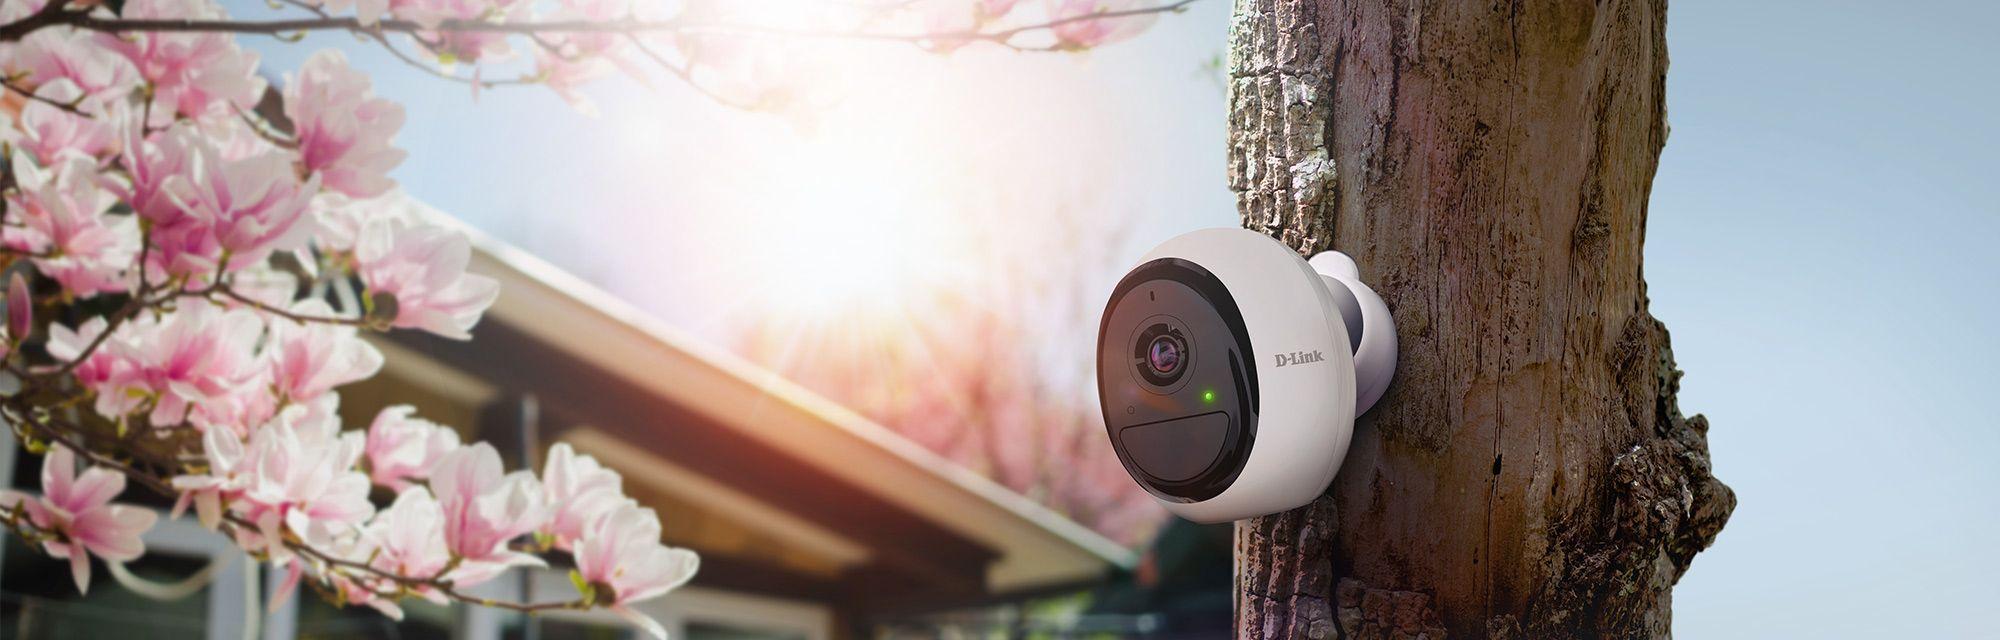 Recenzja kamer Mydlink Pro Wire‑Free Camera Kit – w pełni bezprzewodowy zestaw monitoringu domowego i zewnętrznego!